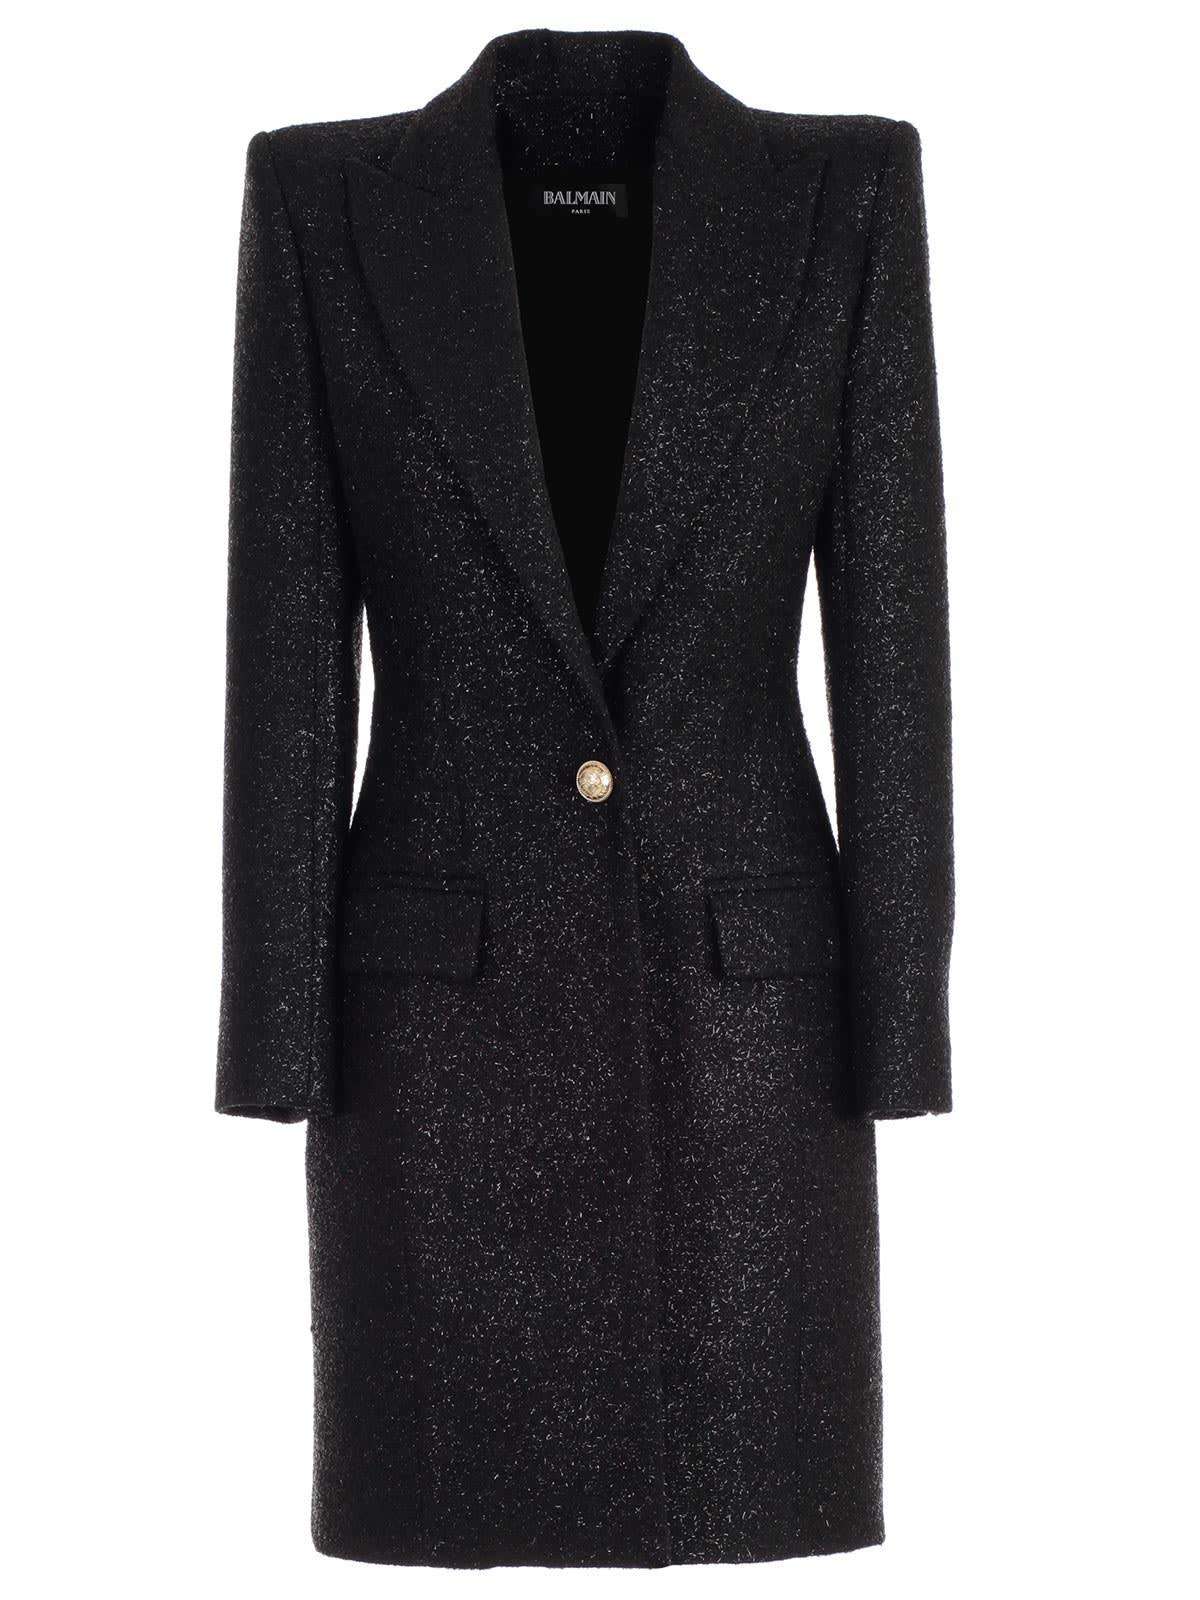 Balmain Coat One Button